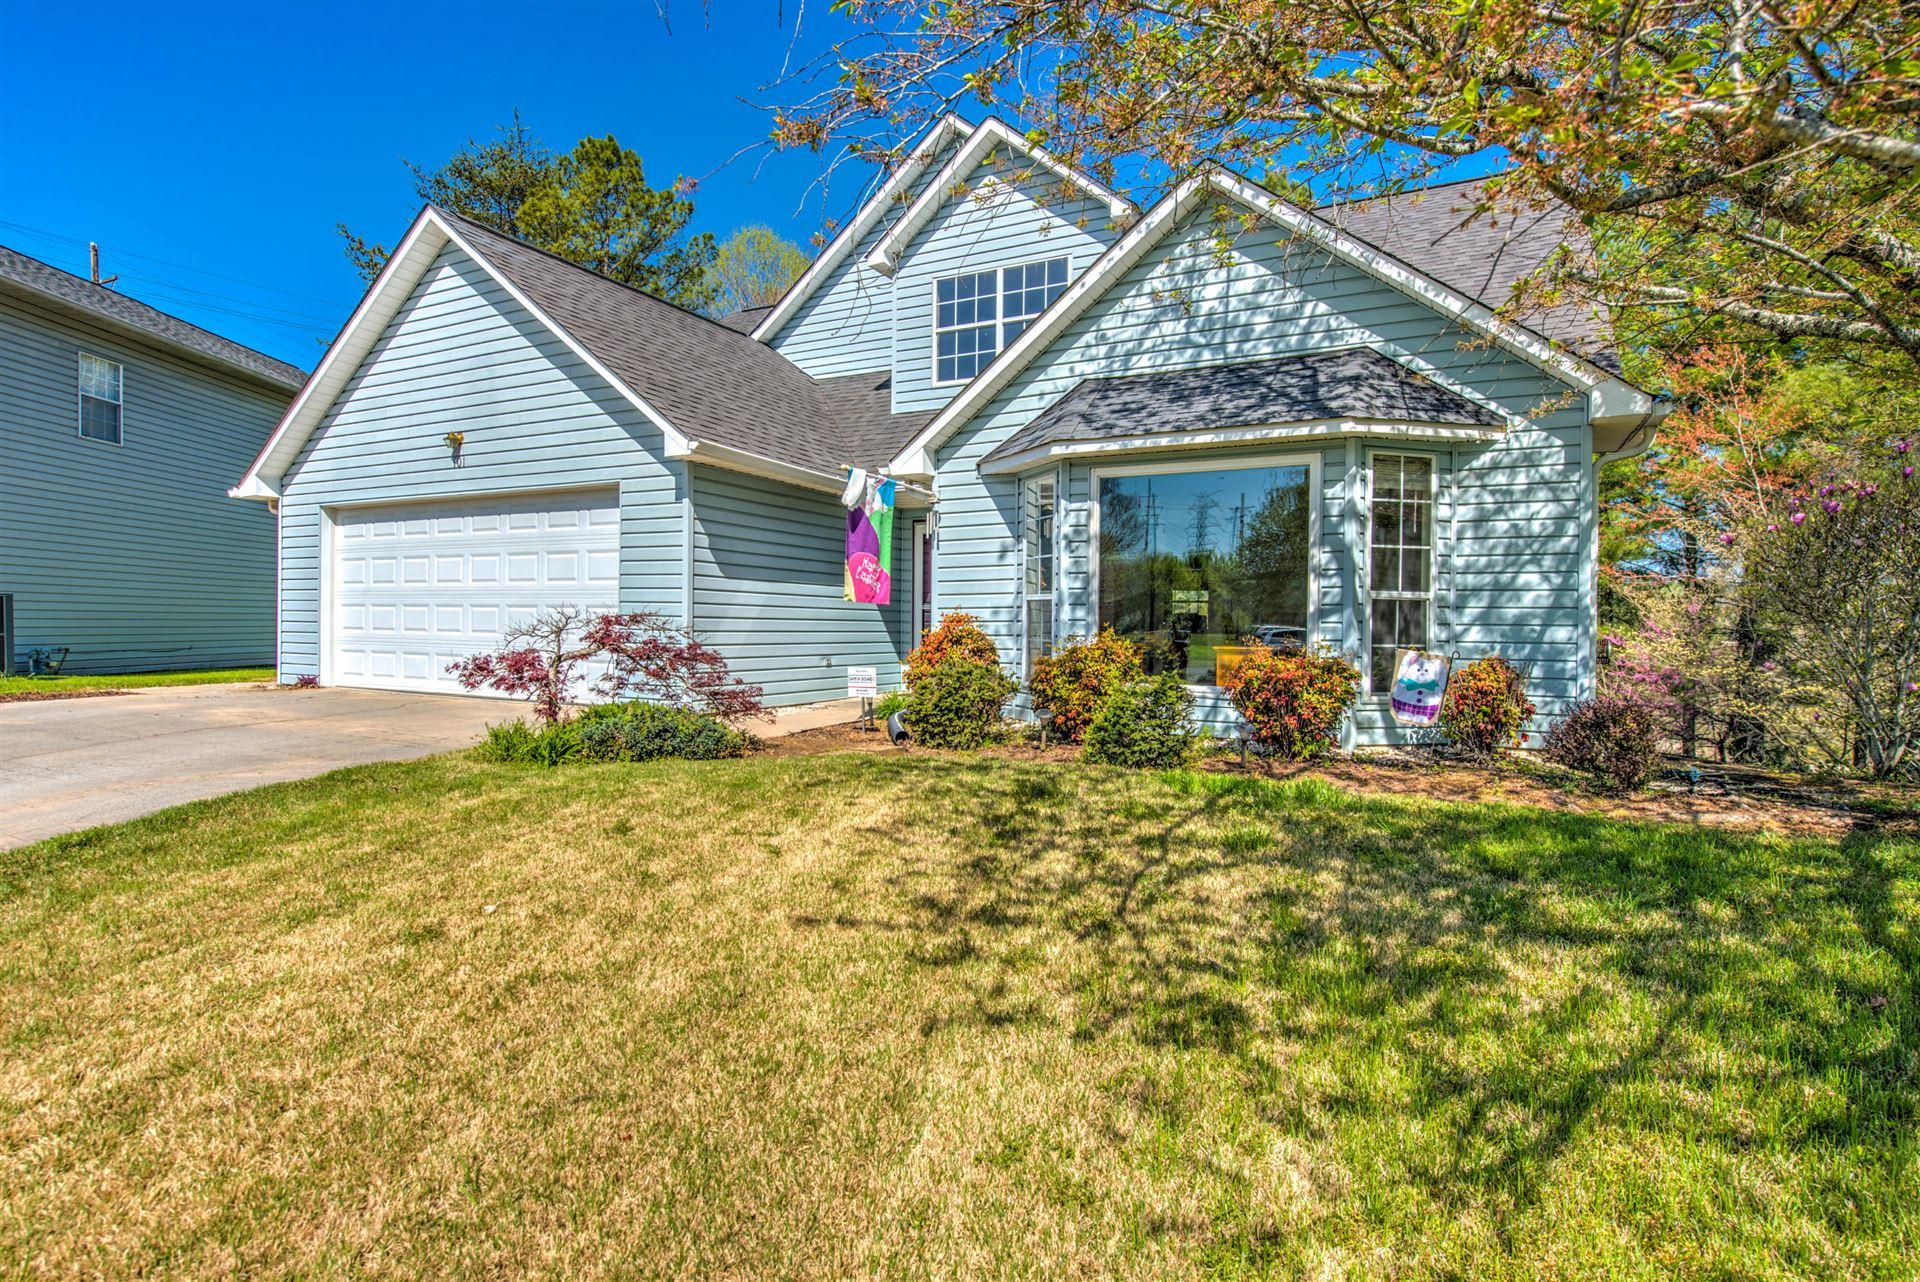 Photo of 101 Tiffany Place, Oak Ridge, TN 37830 (MLS # 1148313)